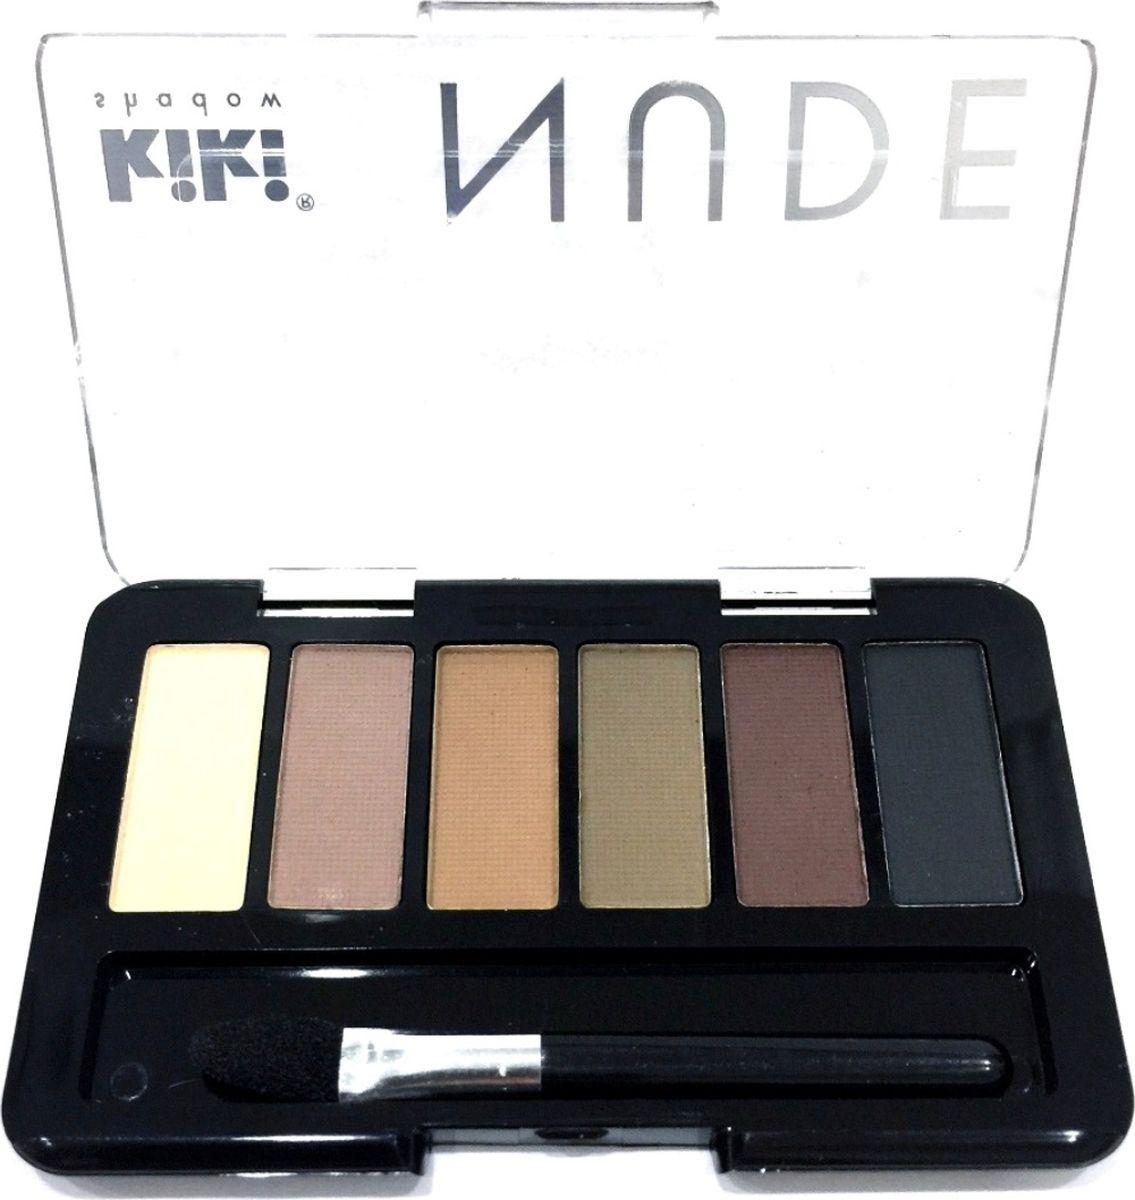 Kiki Тени для век shadow Nude 904, 2.76 грMFM-3101Шесть идеально подобранных оттенков в нюдовых тонах не оставят вас равнодушными. Тени обладают нежной, хорошо поддающейся растушевке текстурой. Благодаря удобному аппликатору макияж можно создавать буквально на ходу.